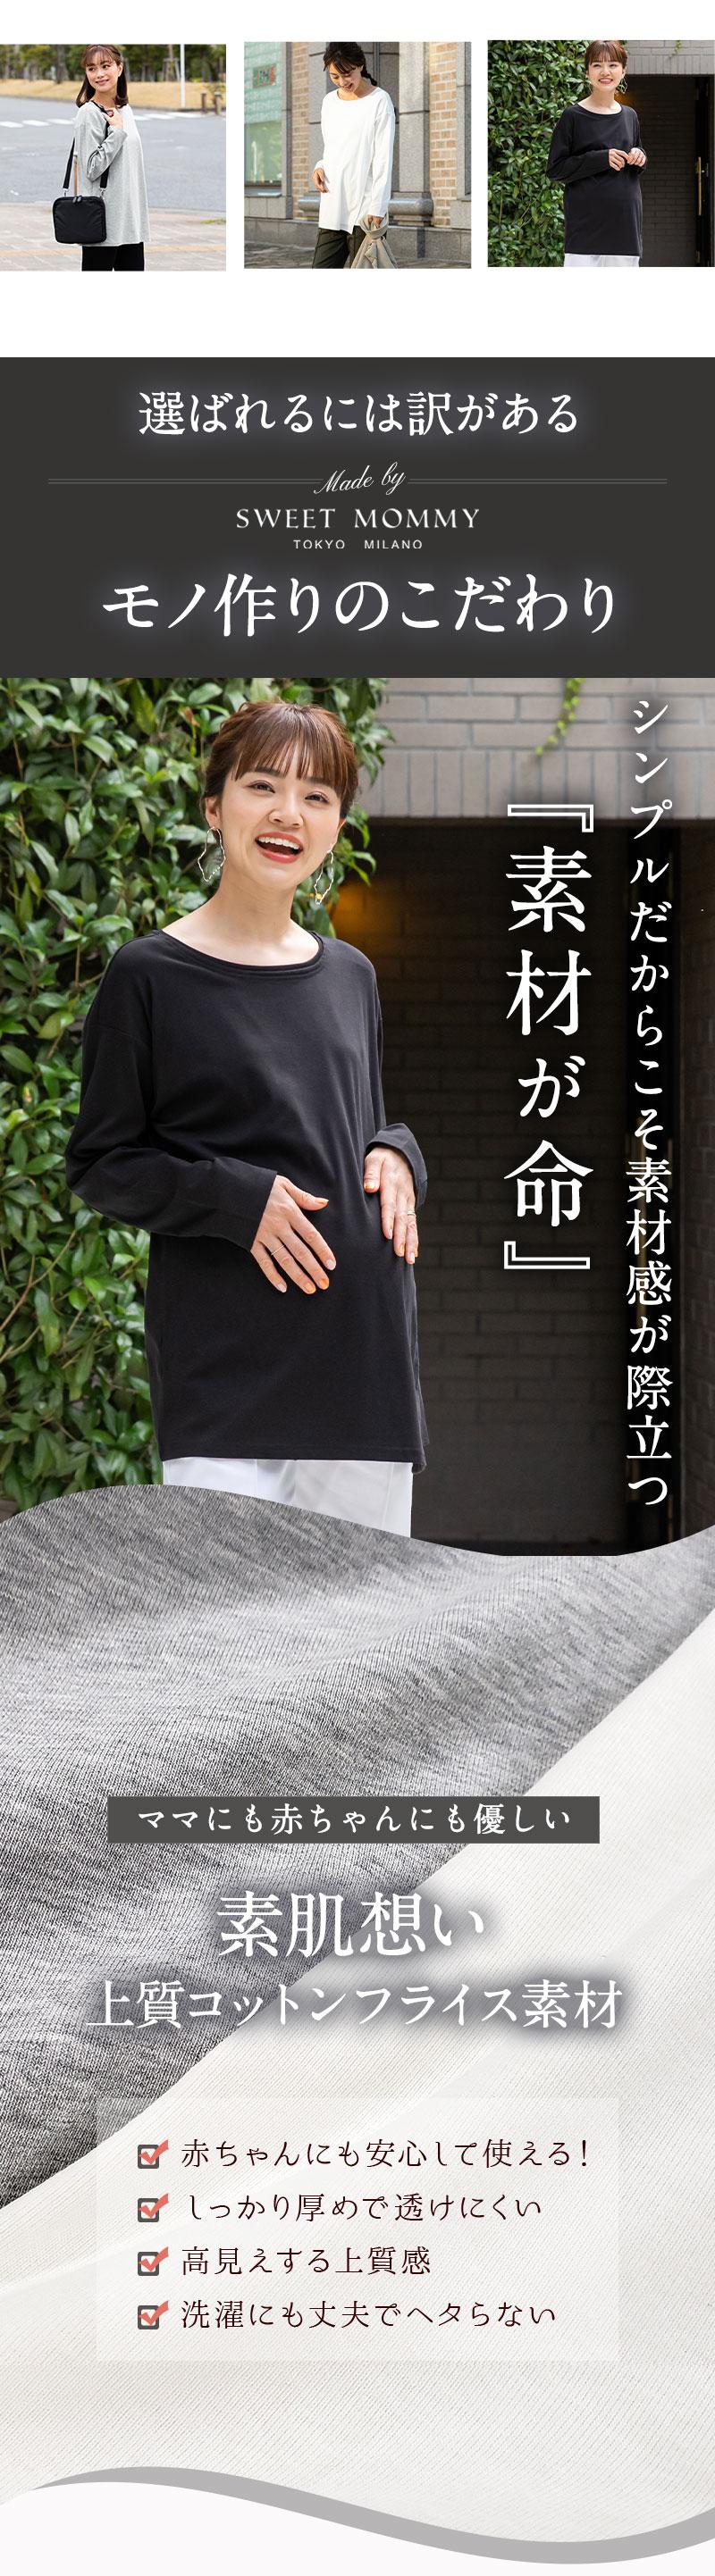 授乳ケープ サイドスリット シンプル授乳Tシャツ